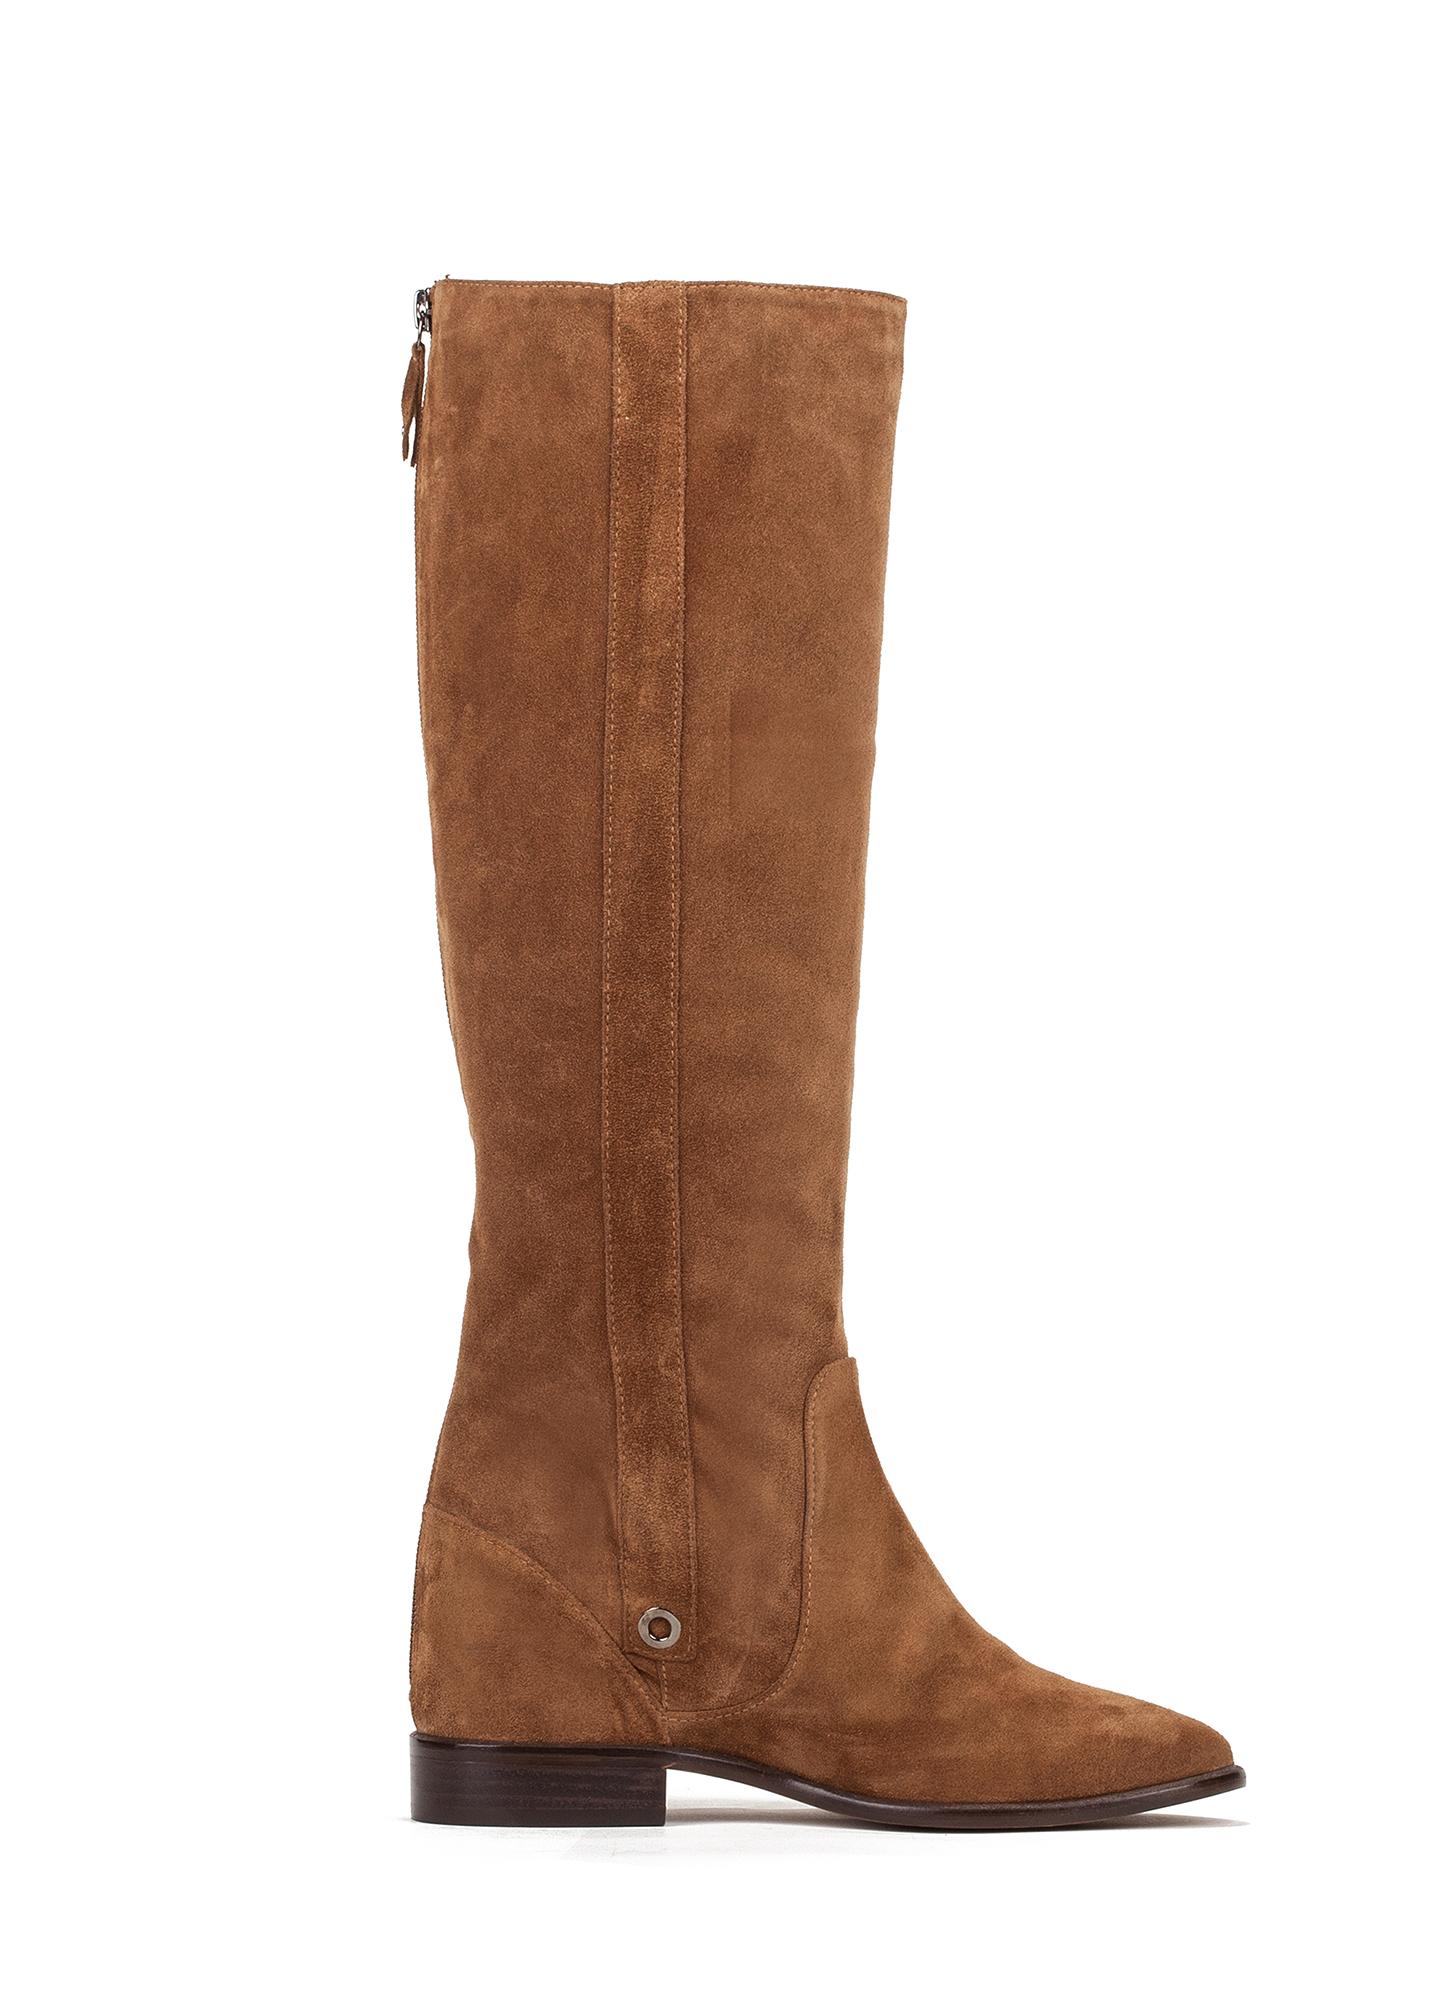 Botas camel con cu a interior tienda de zapatos mujer for Botines con cuna interior